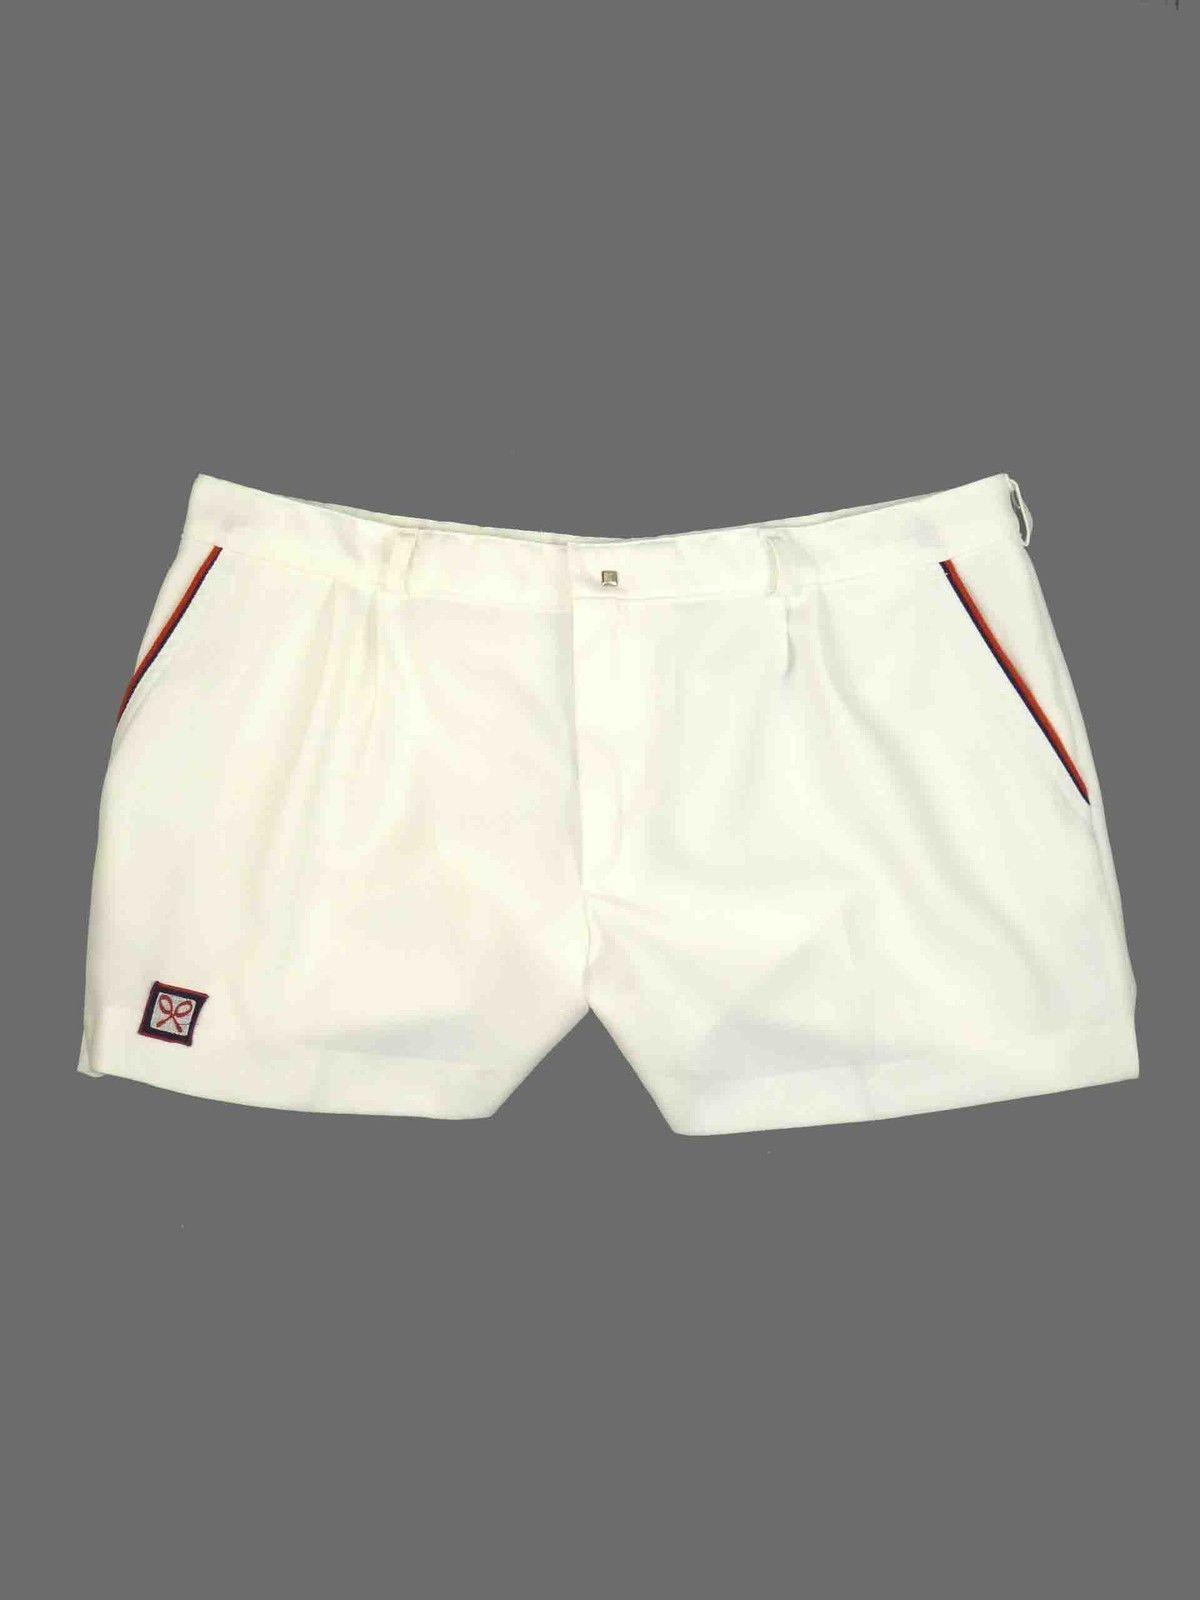 Mens Vintage 70 S 80 S White Tennis Sports Squash Wimbledon Short Shorts 38 Ebay Mens White Shorts Vintage Men White Shorts